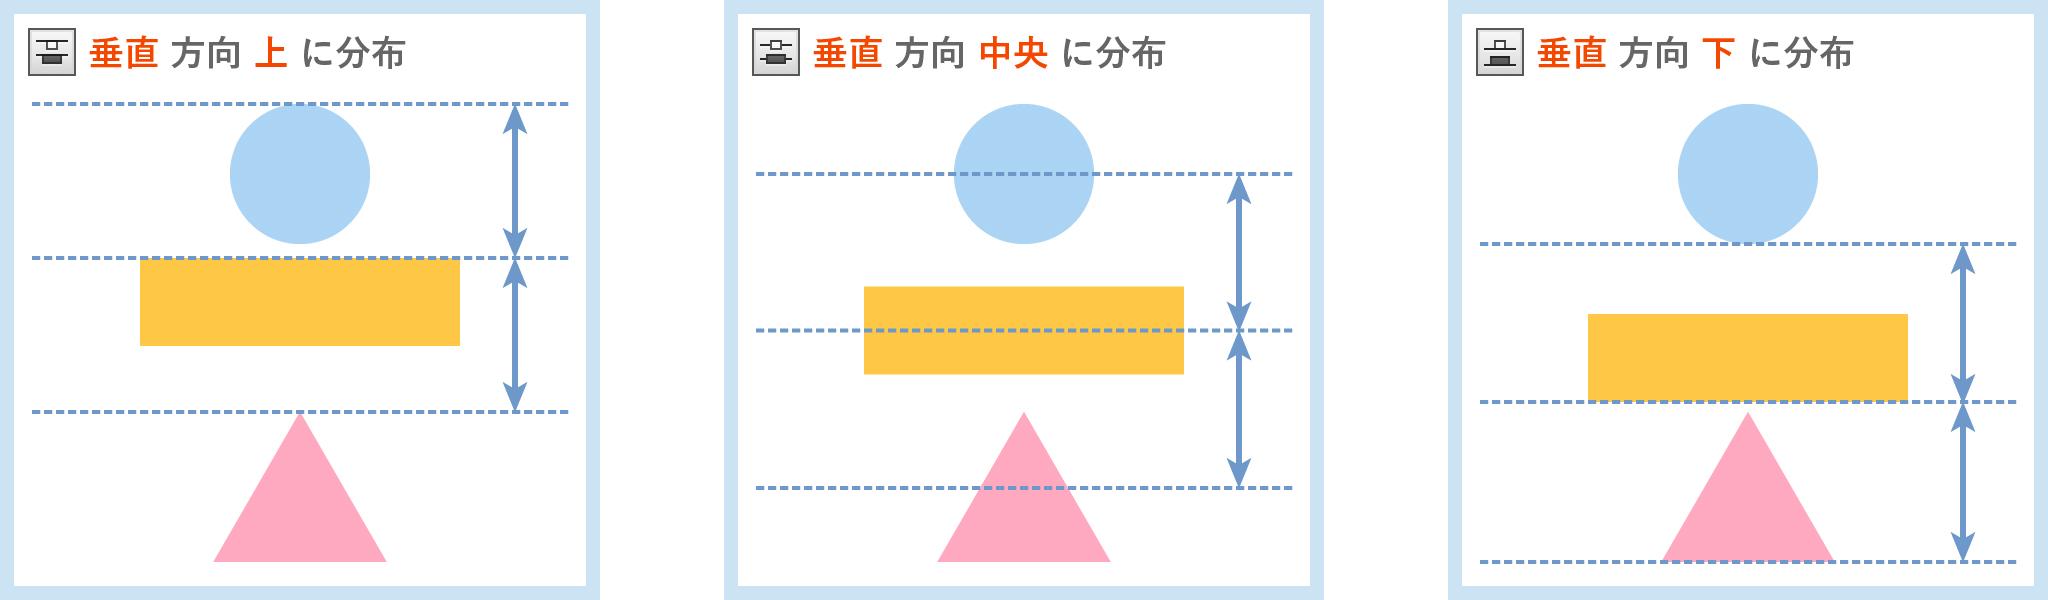 オブジェクトの分布 垂直方向(縦向き)説明図版